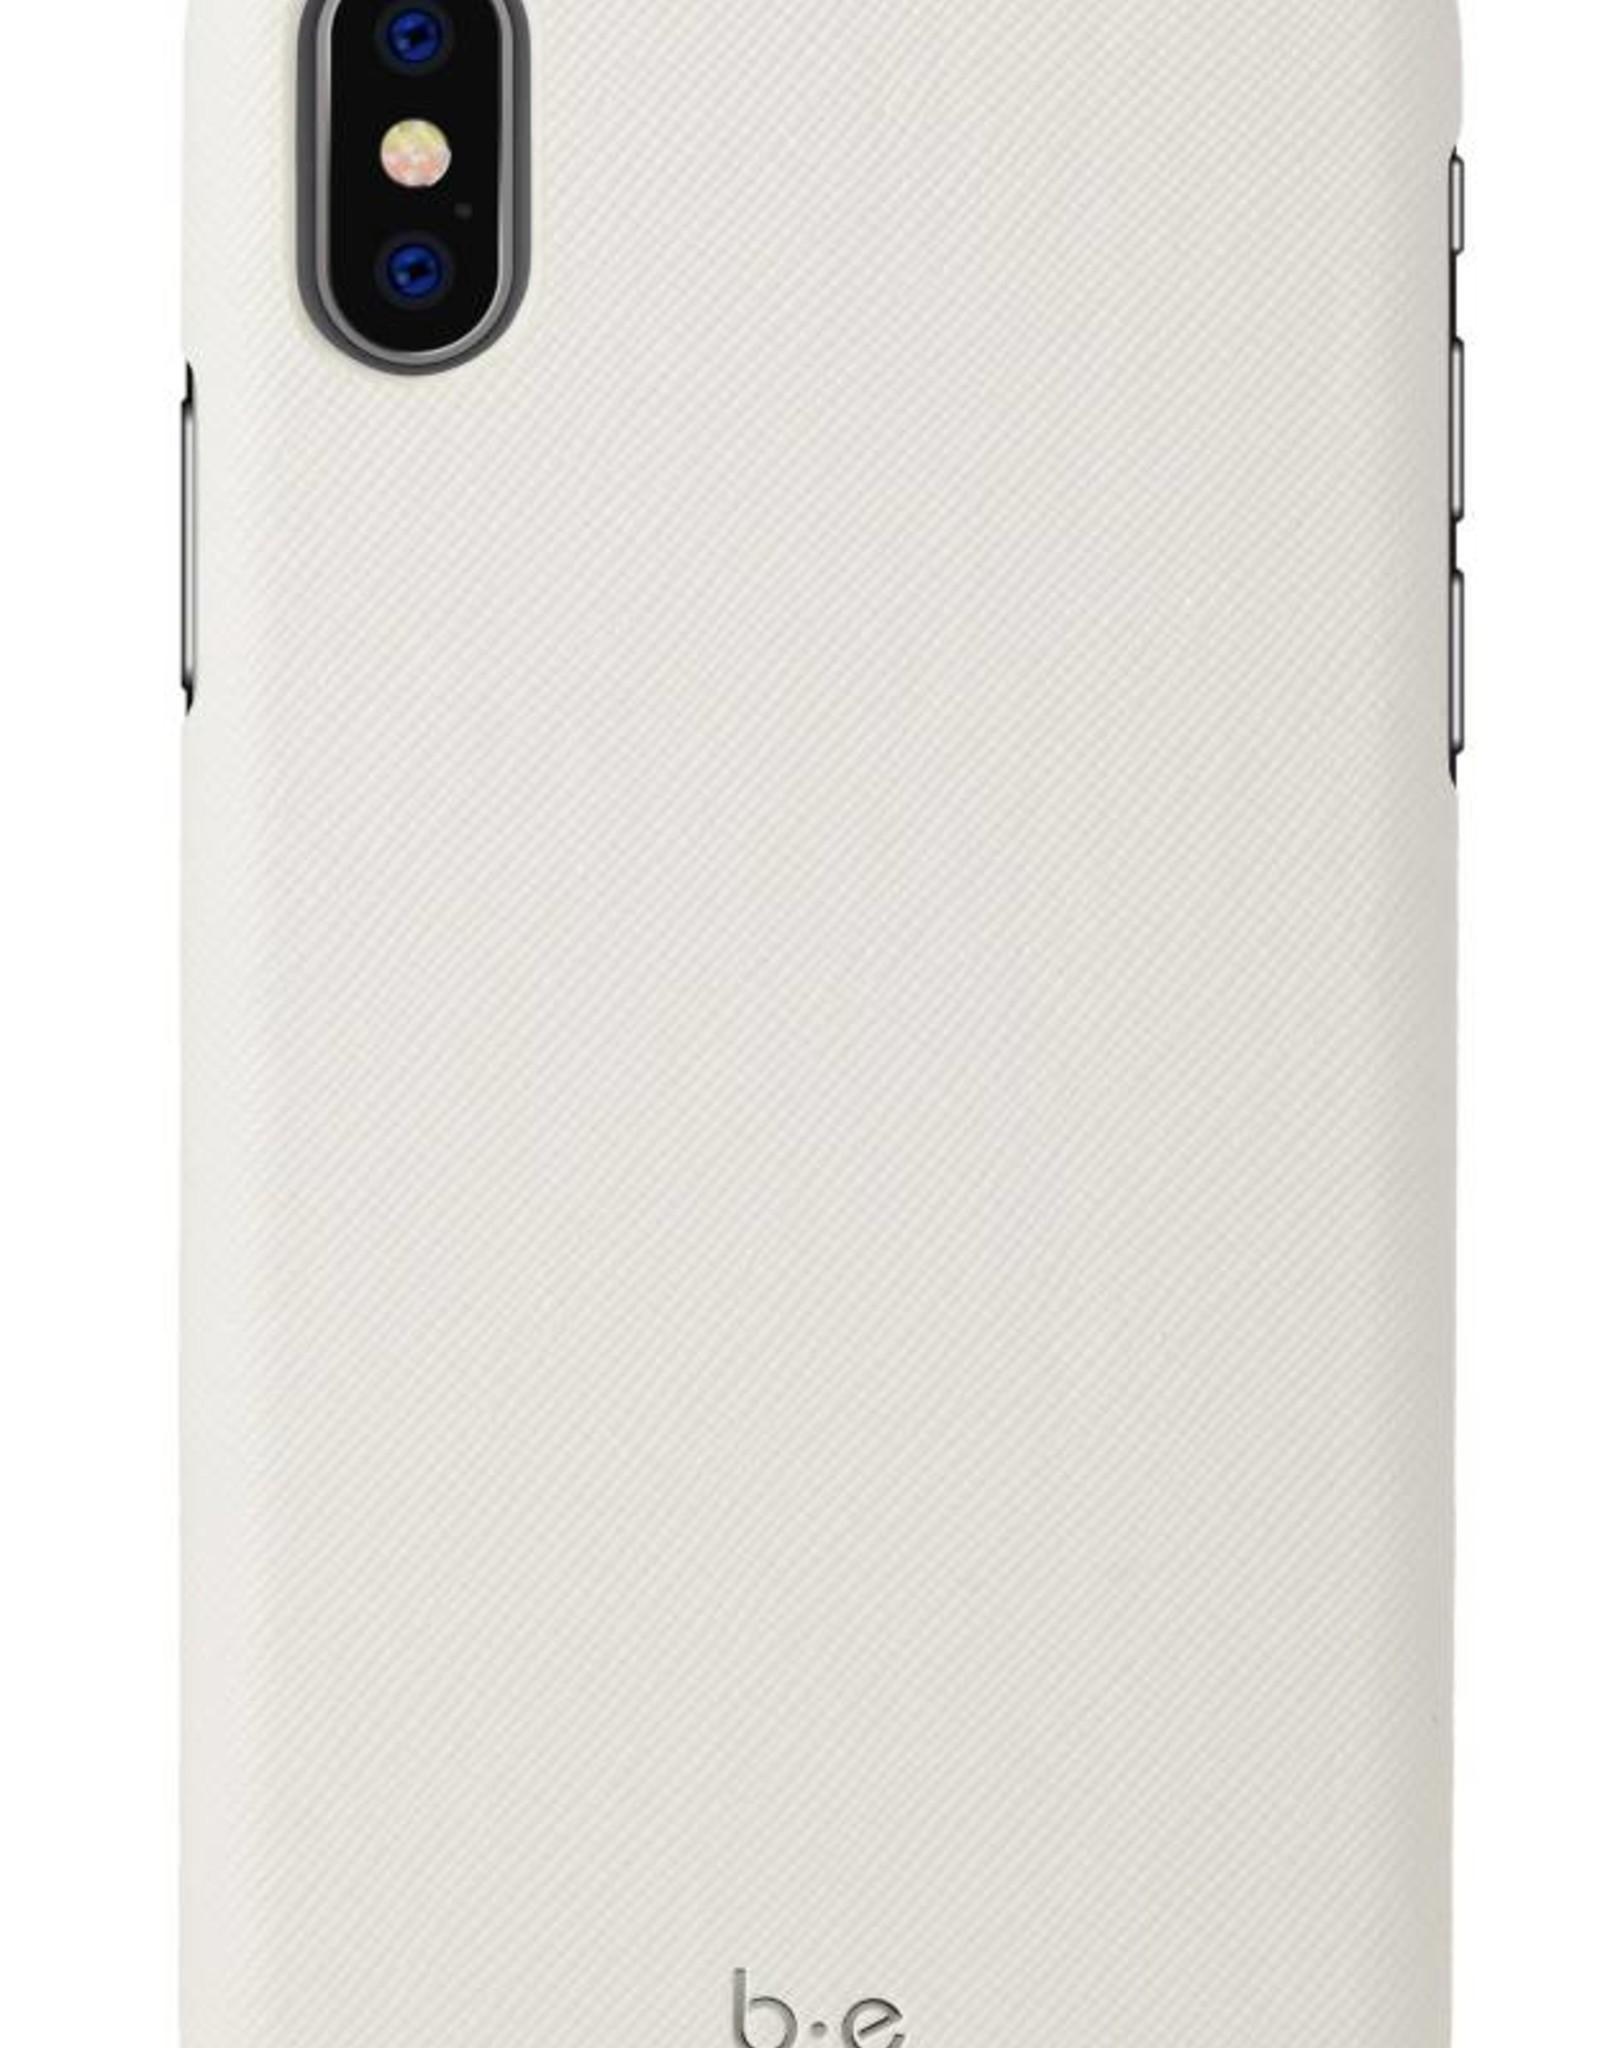 Blu Element Blu Element | iPhone X/Xs Saffiano Case White | 120-1269